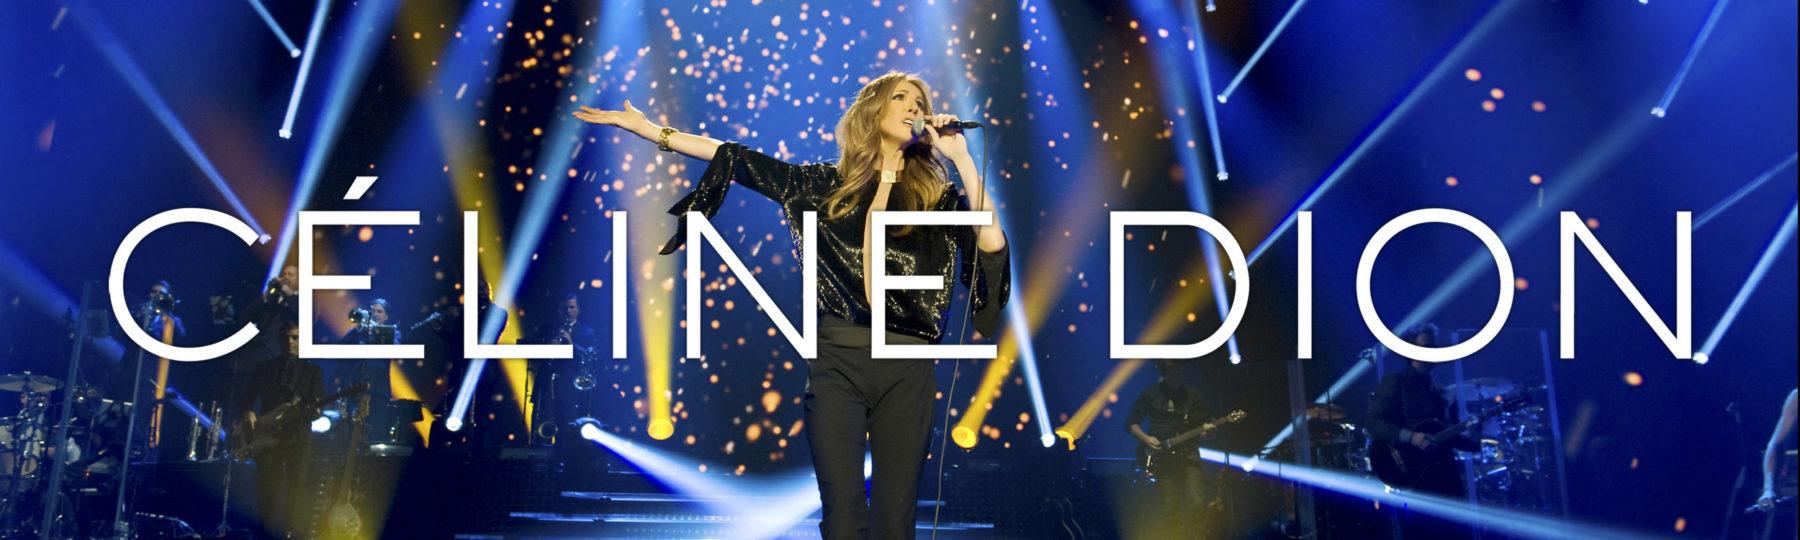 ER Celine Banner